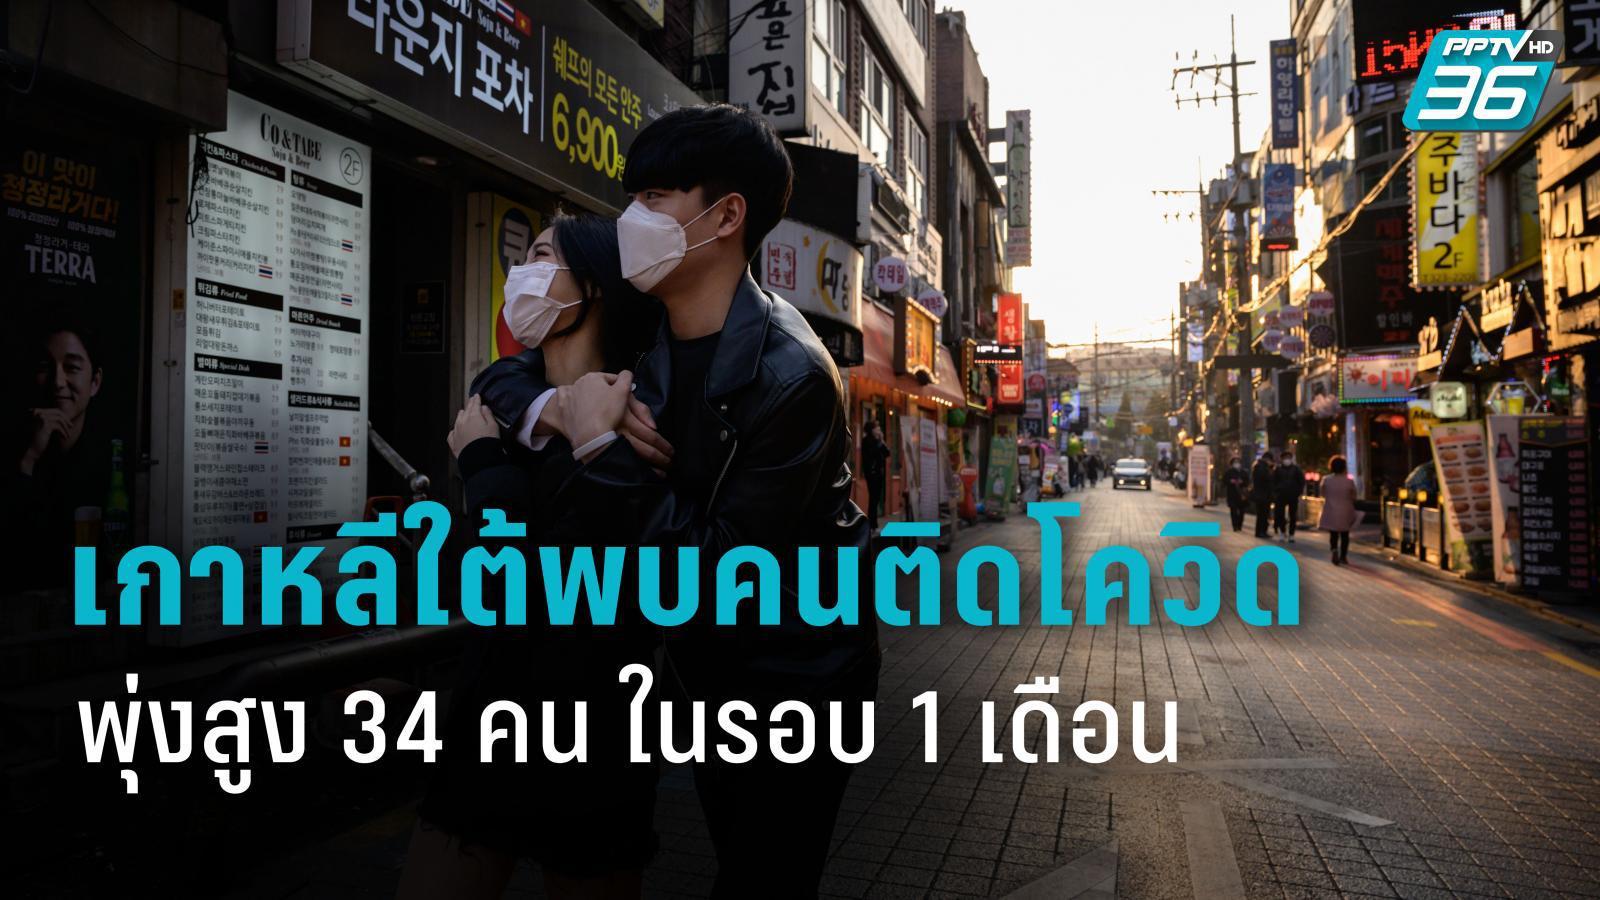 ยอดติดเชื้อโควิด-19 เกาหลีใต้พุ่ง 34 คนในรอบกว่า 1 เดือน